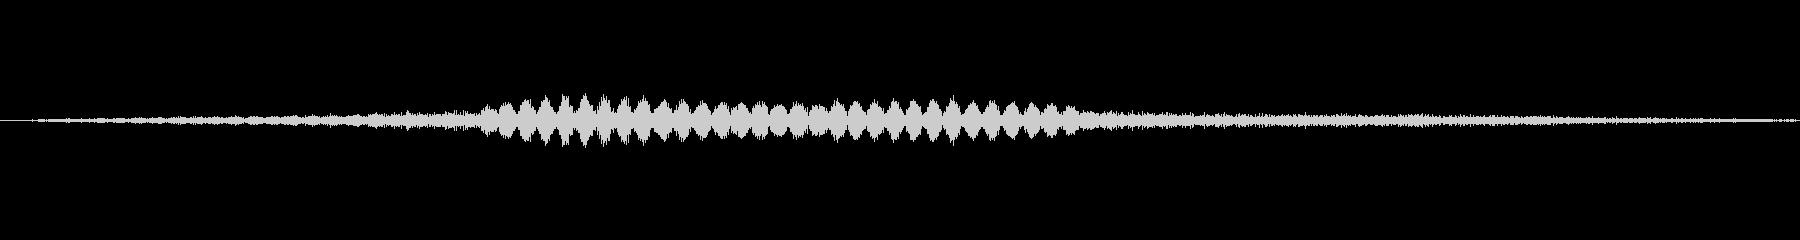 コントロールパネルプロンプトスペー...の未再生の波形